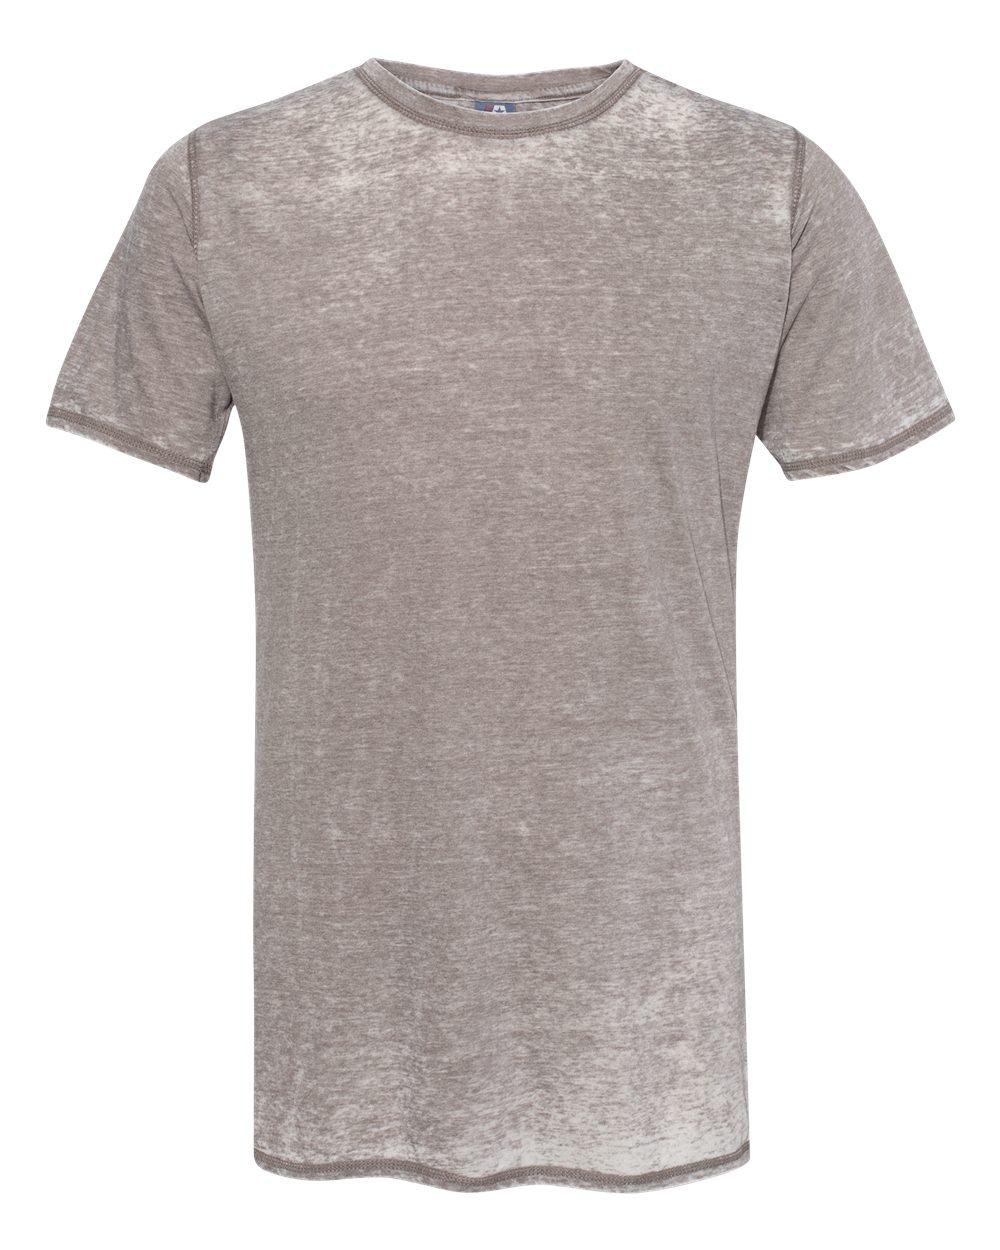 J. America - 8115 - Zen Jersey Short Sleeve T-Shirt